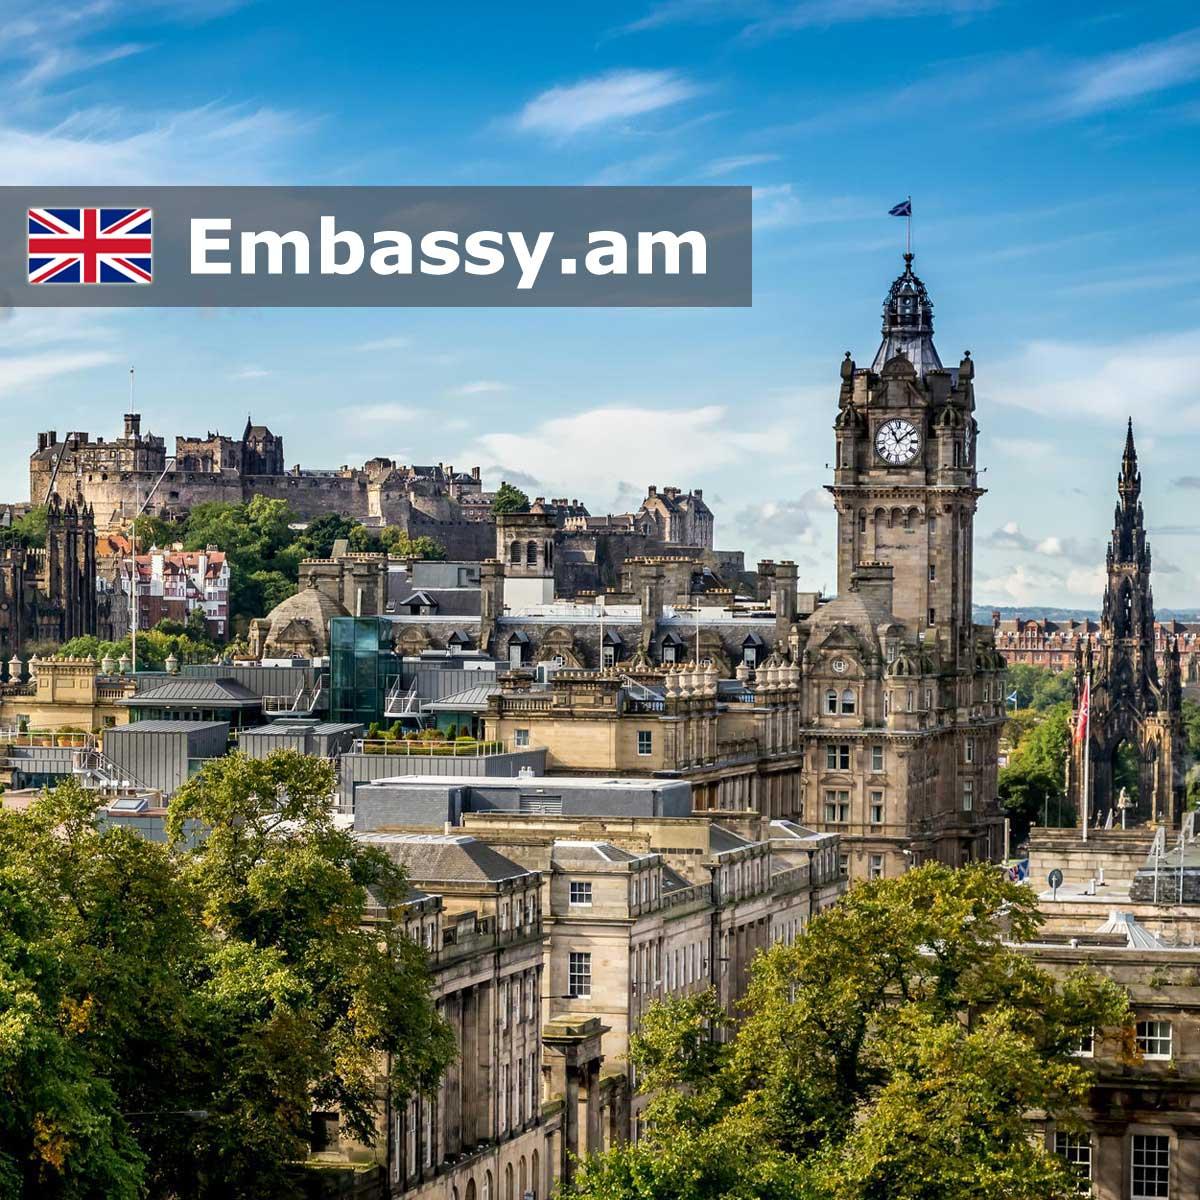 Edinburgh - Hotels in United Kingdom - Embassy.am